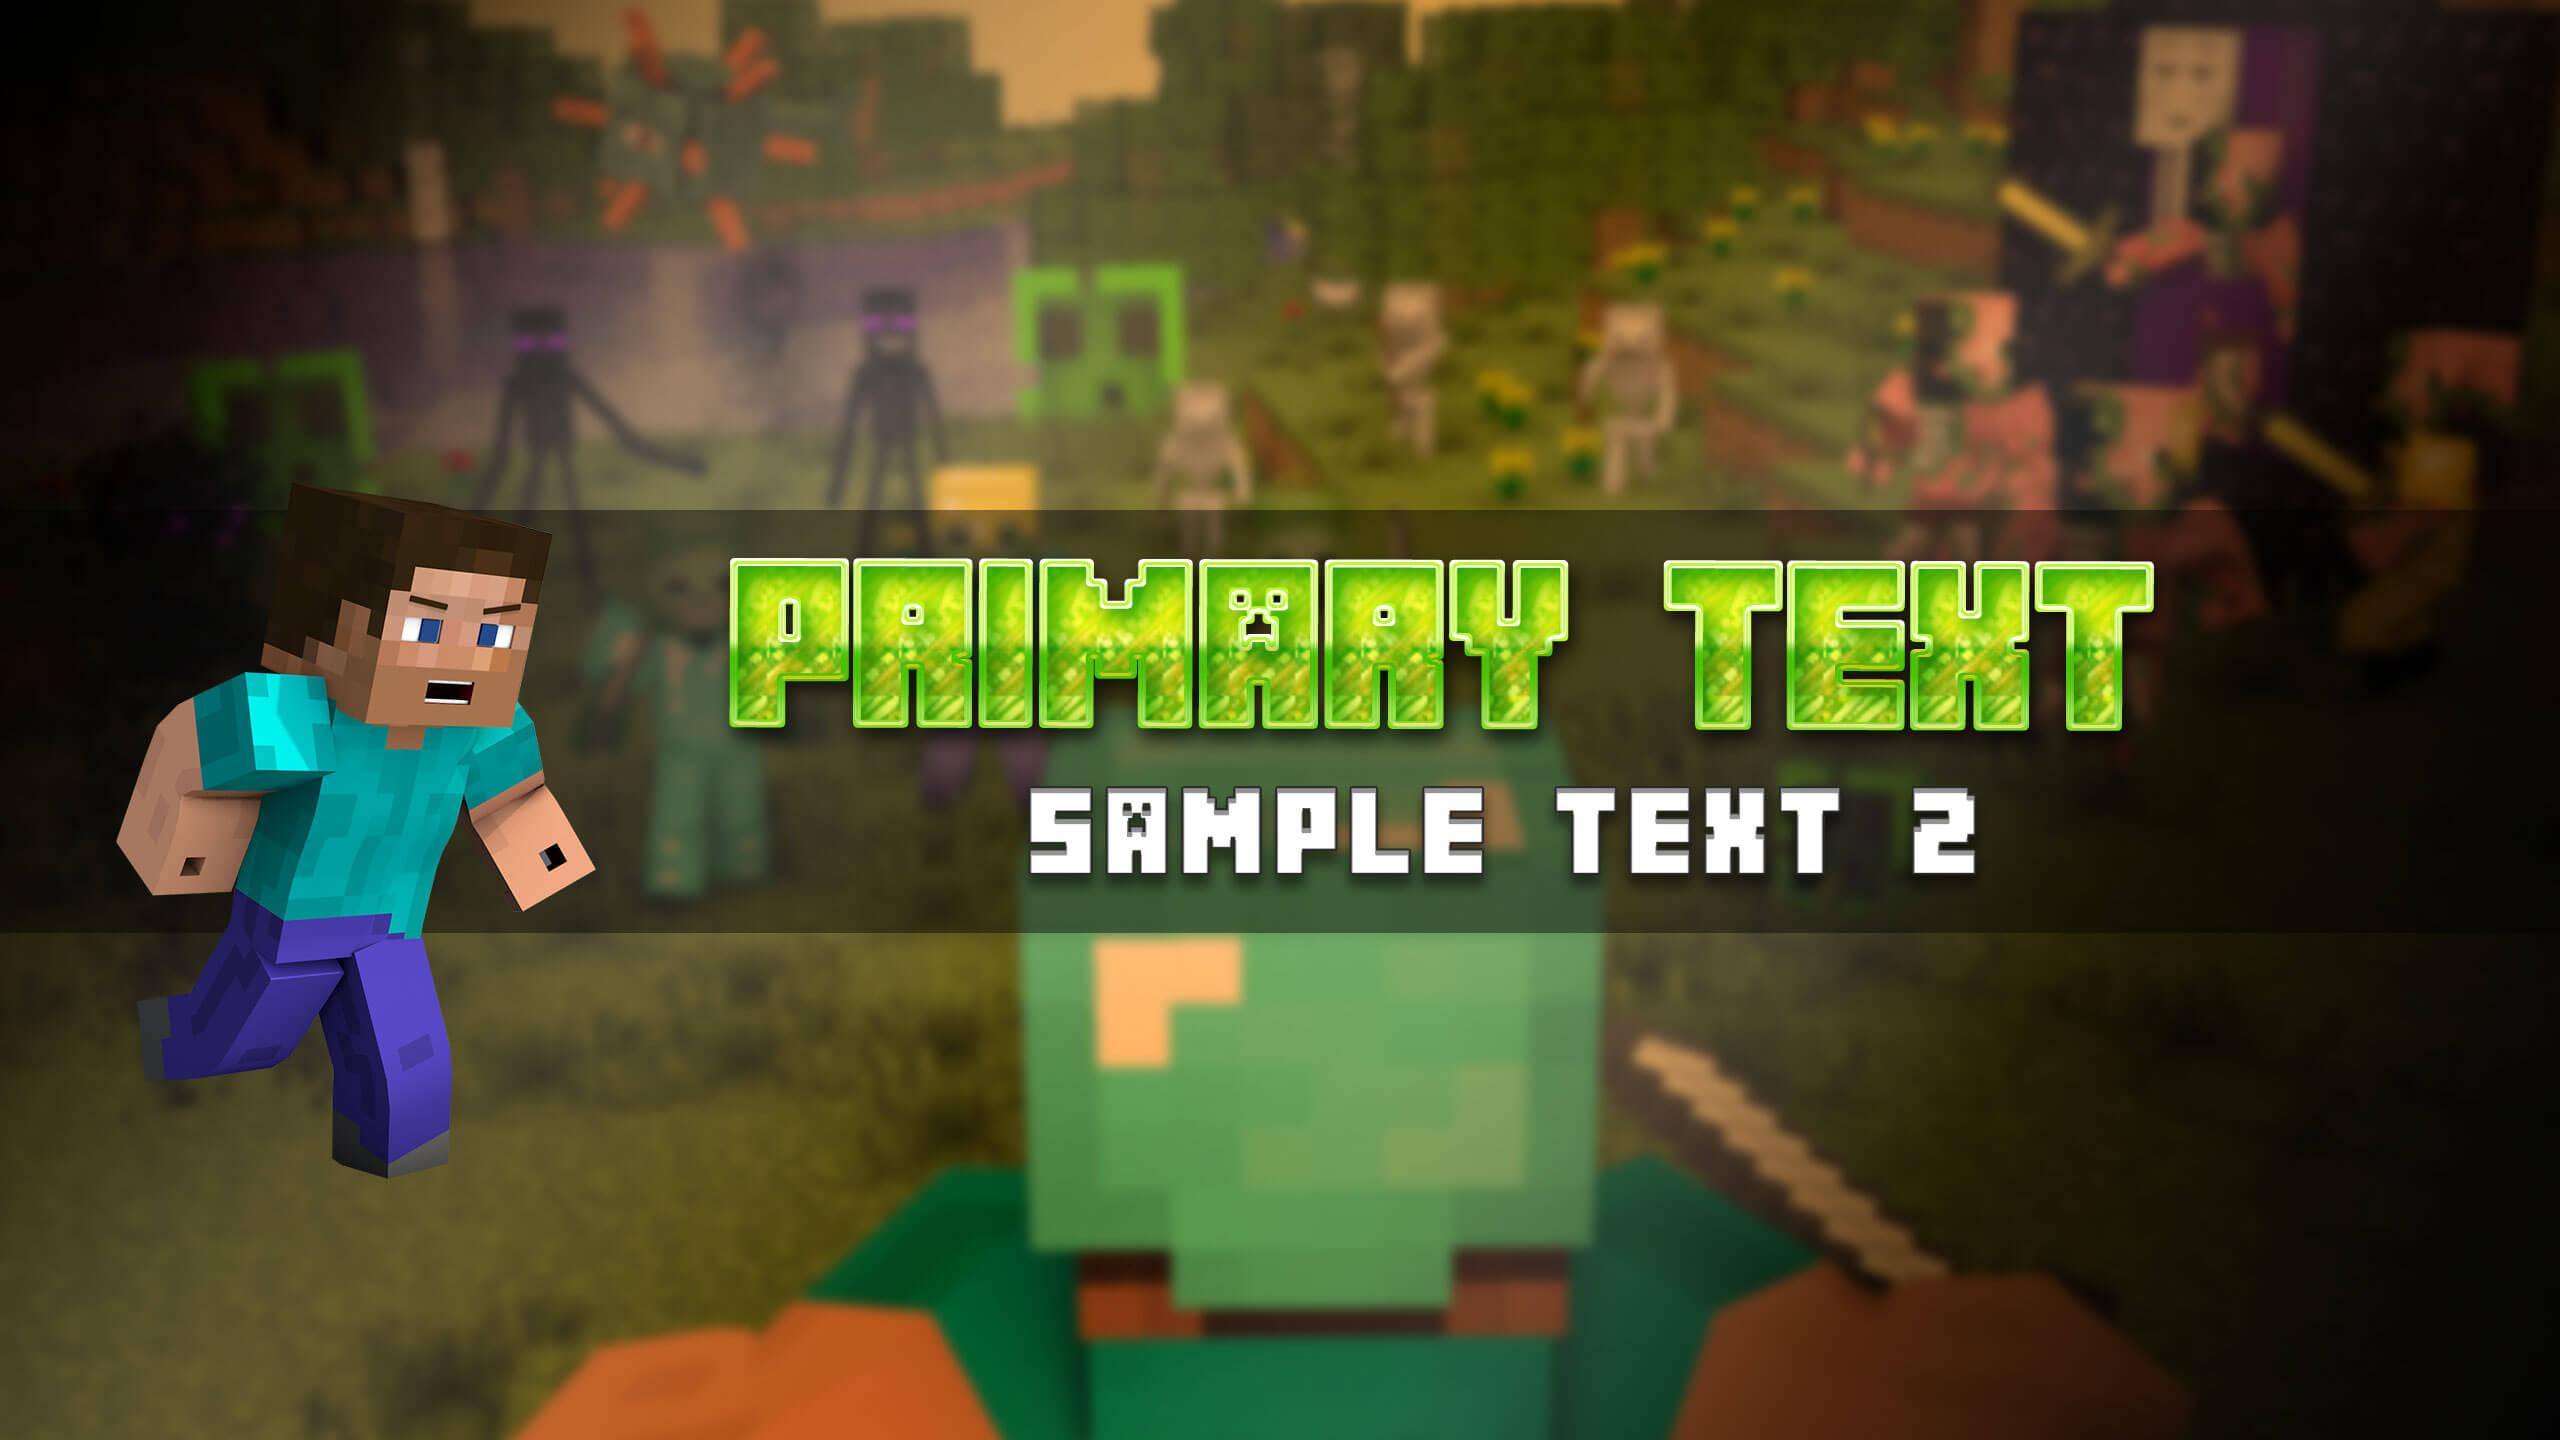 Картинка для канала ютуб с персонажем игры майнкрафт.